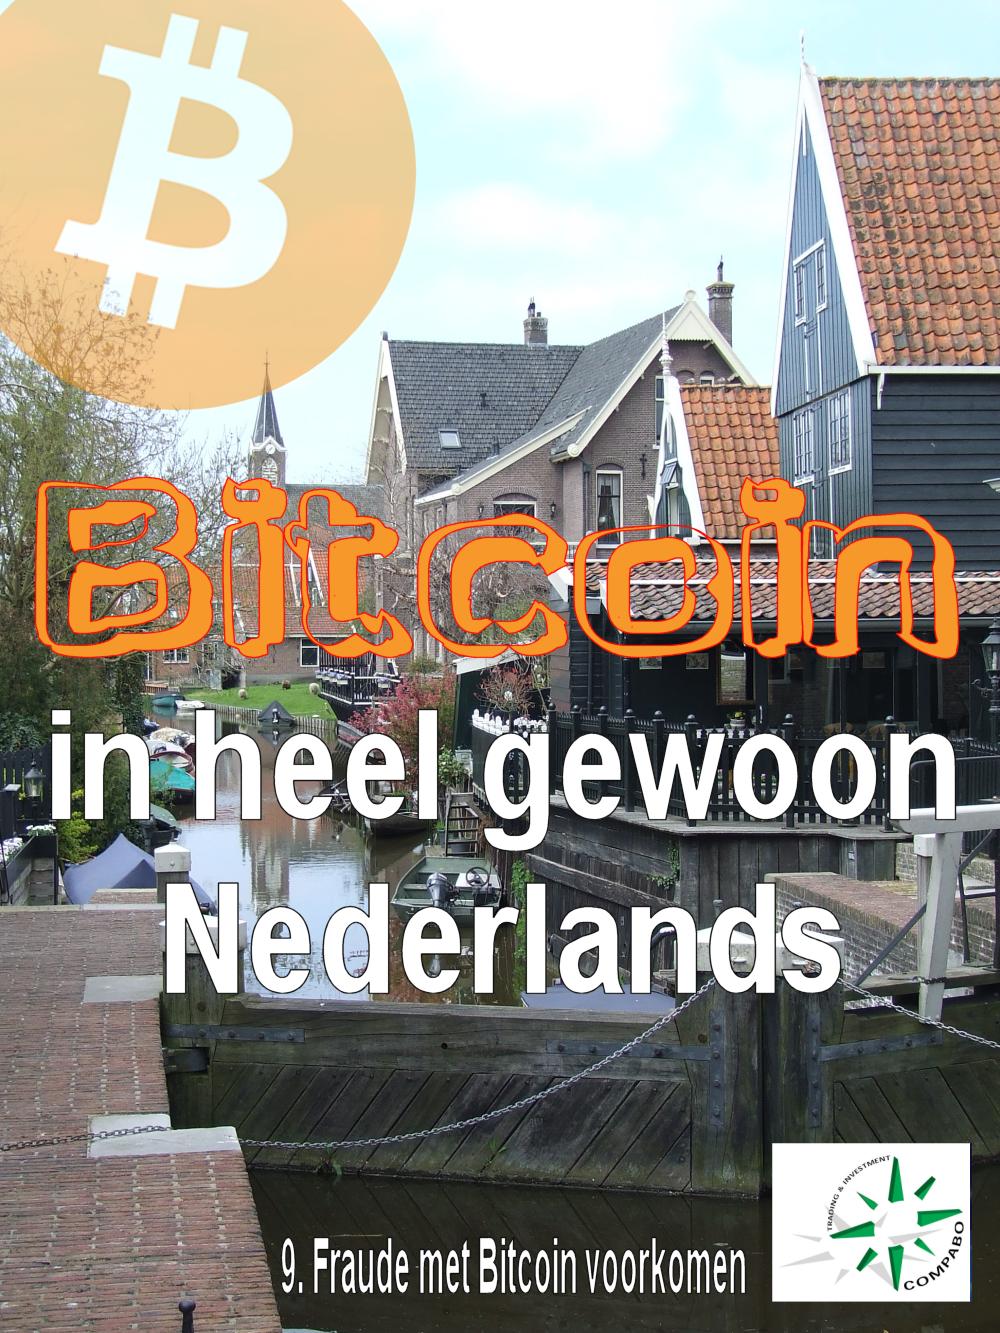 Ga naar deel 9, fraude met Bitcoin voorkomen